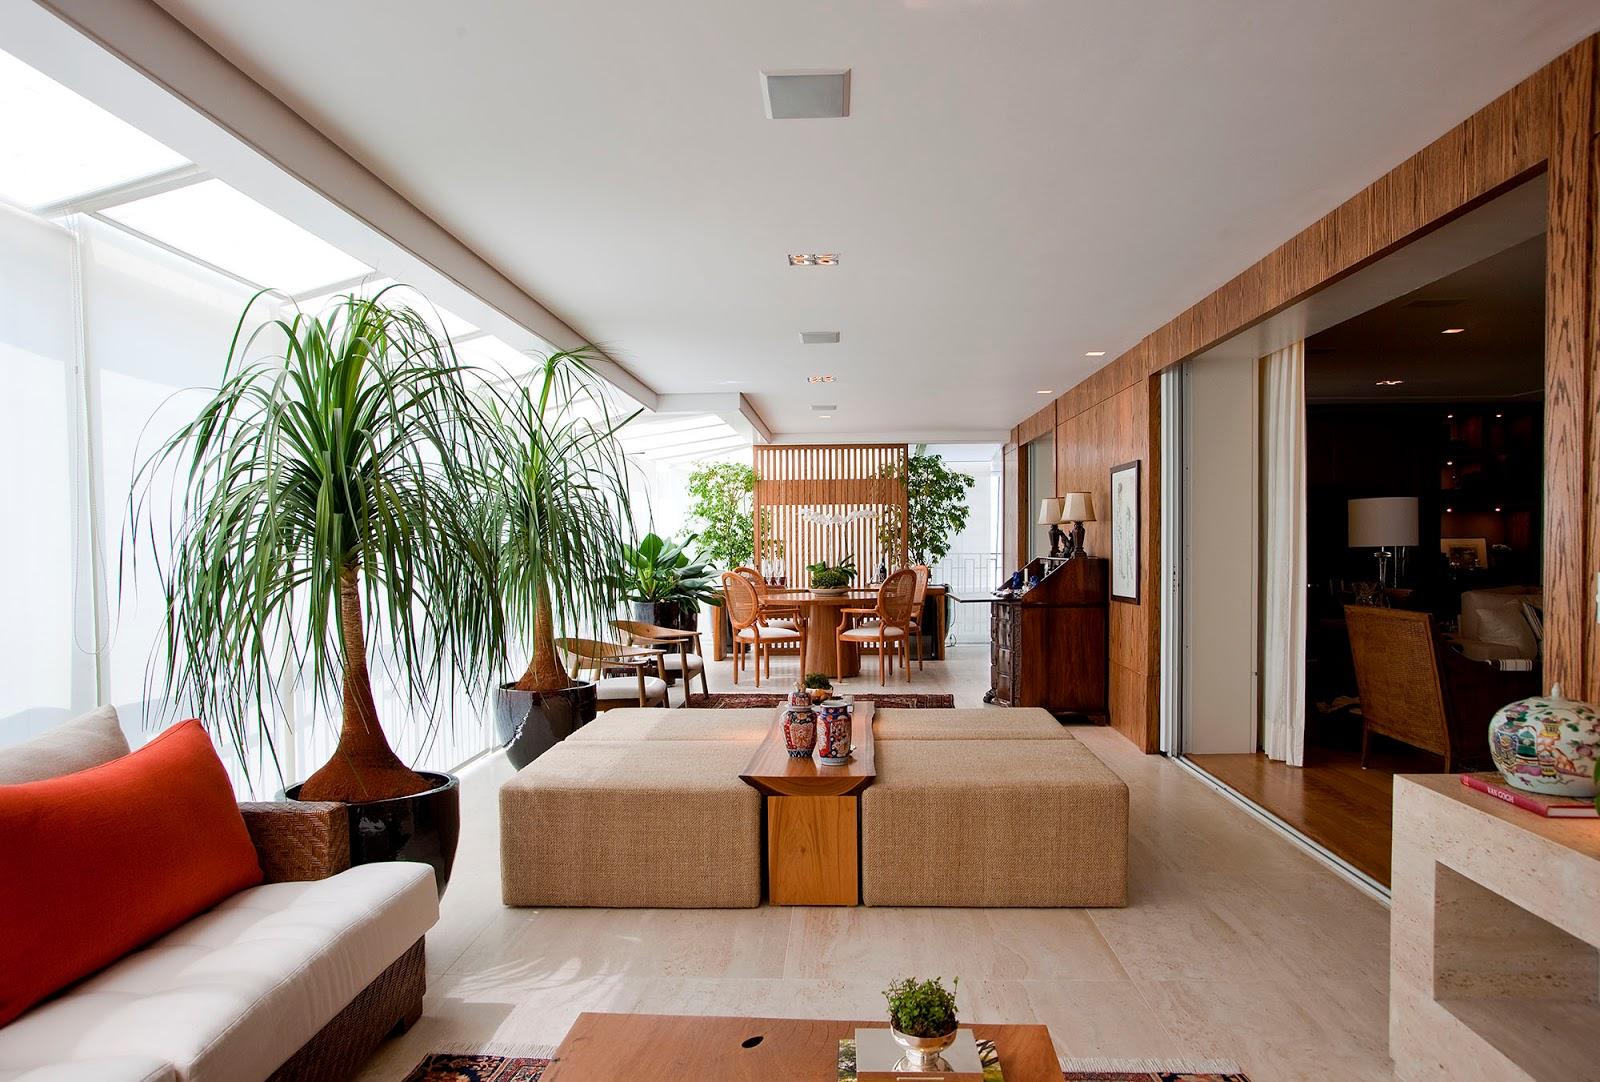 Vasos Para Sala De Tv Vasos Vietnamitas Tv Wall Decor Ideas Vasos  -> Vasos Na Sala De Tv